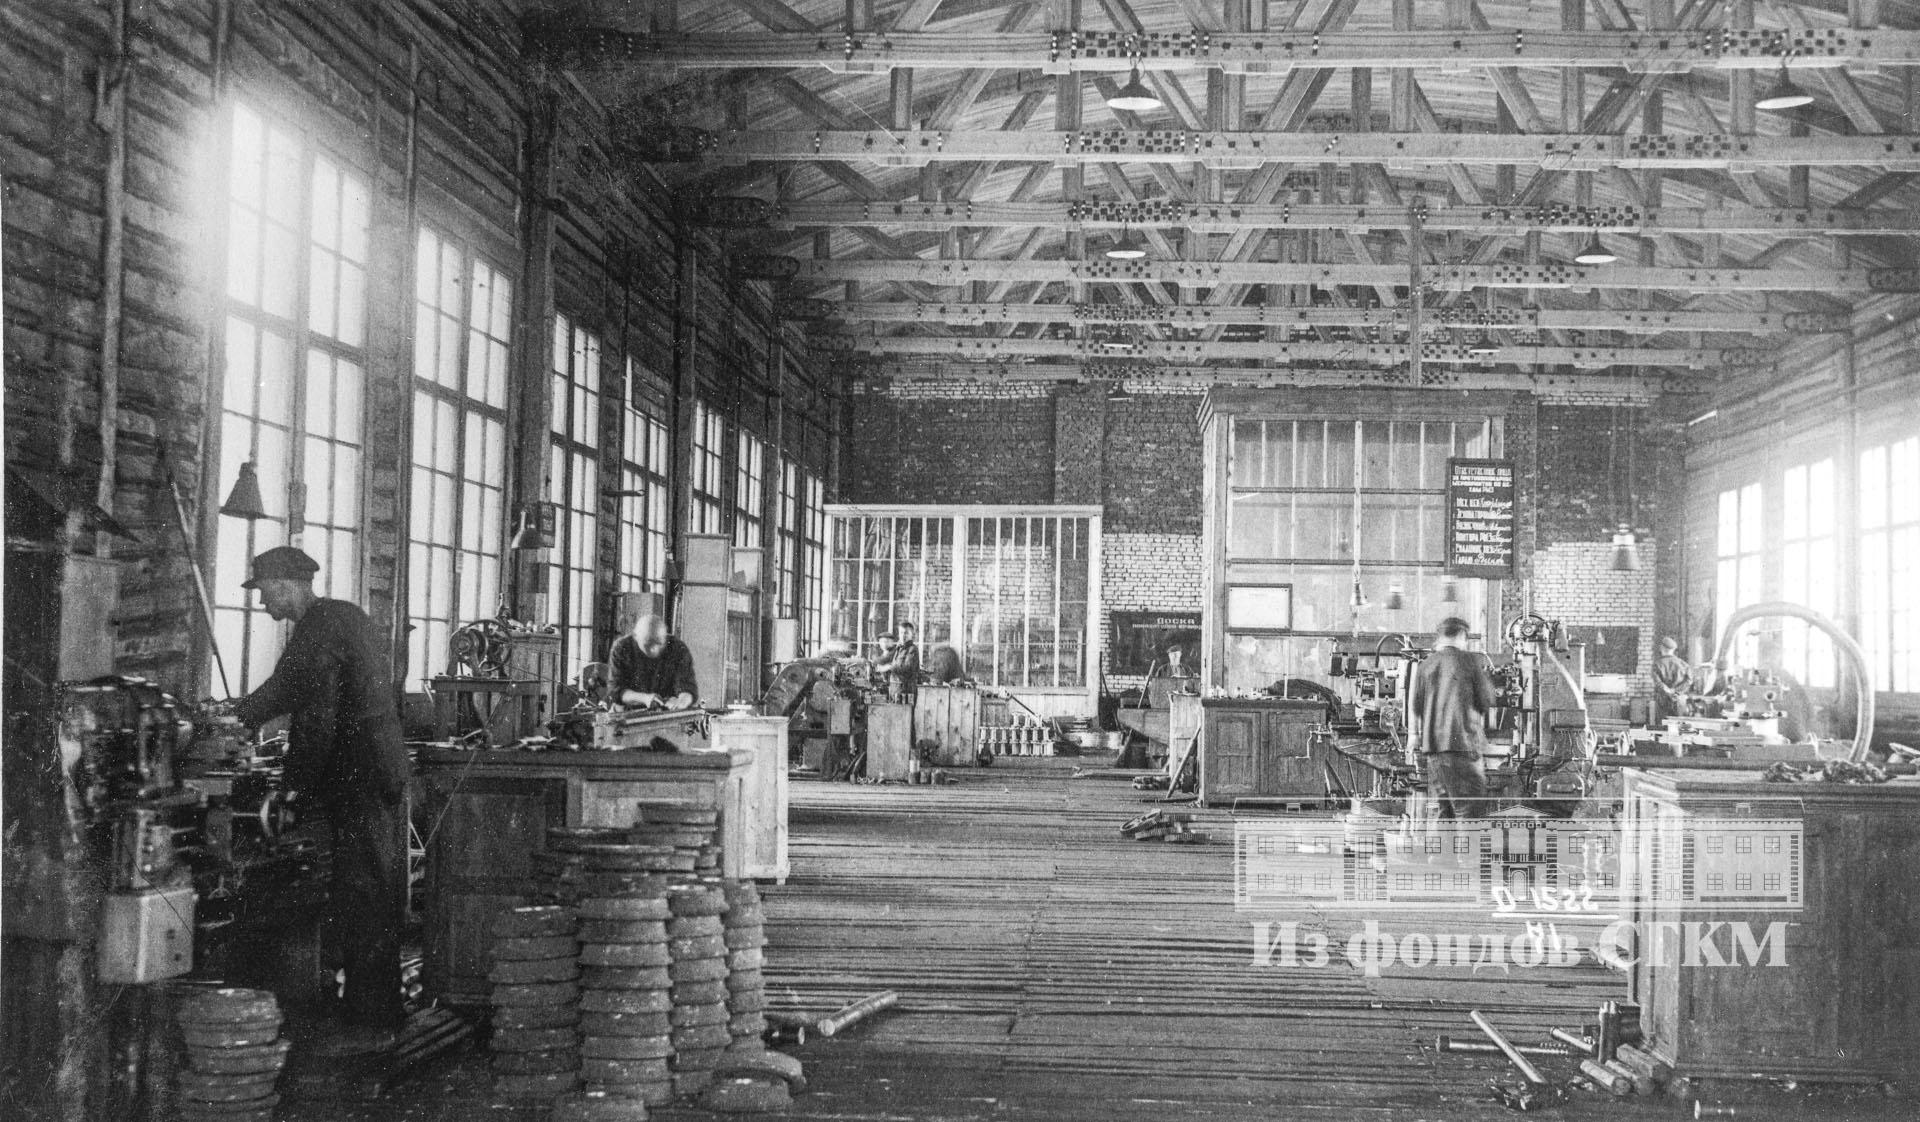 1940. Внутренний вид механического отделения Р.М.З.